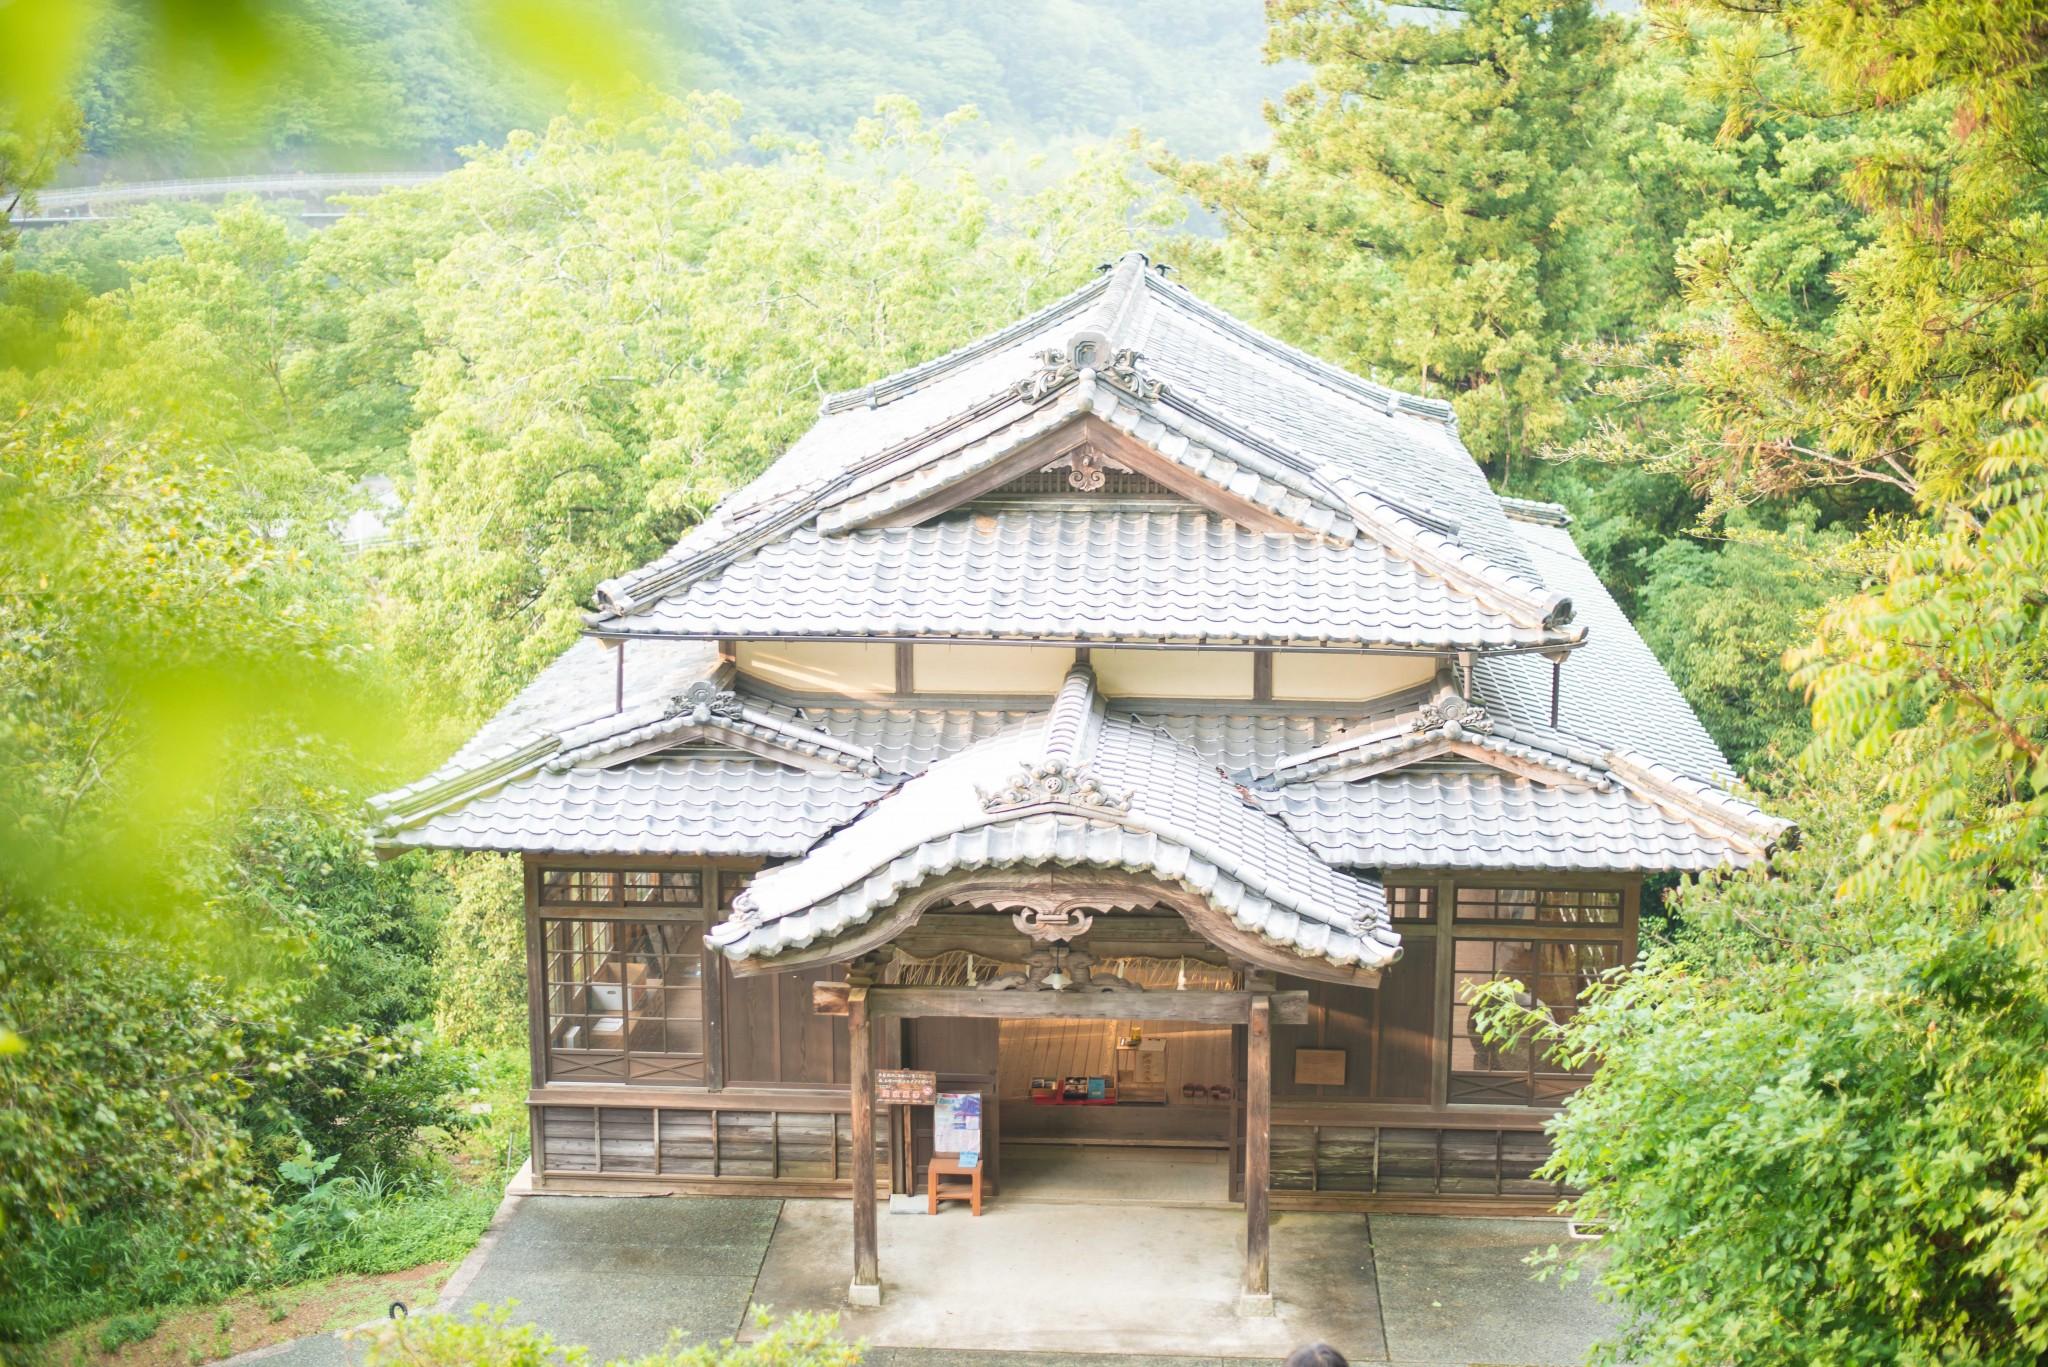 名物グルメ、名スポットが盛りだくさんの愛媛県・南予地域へ。